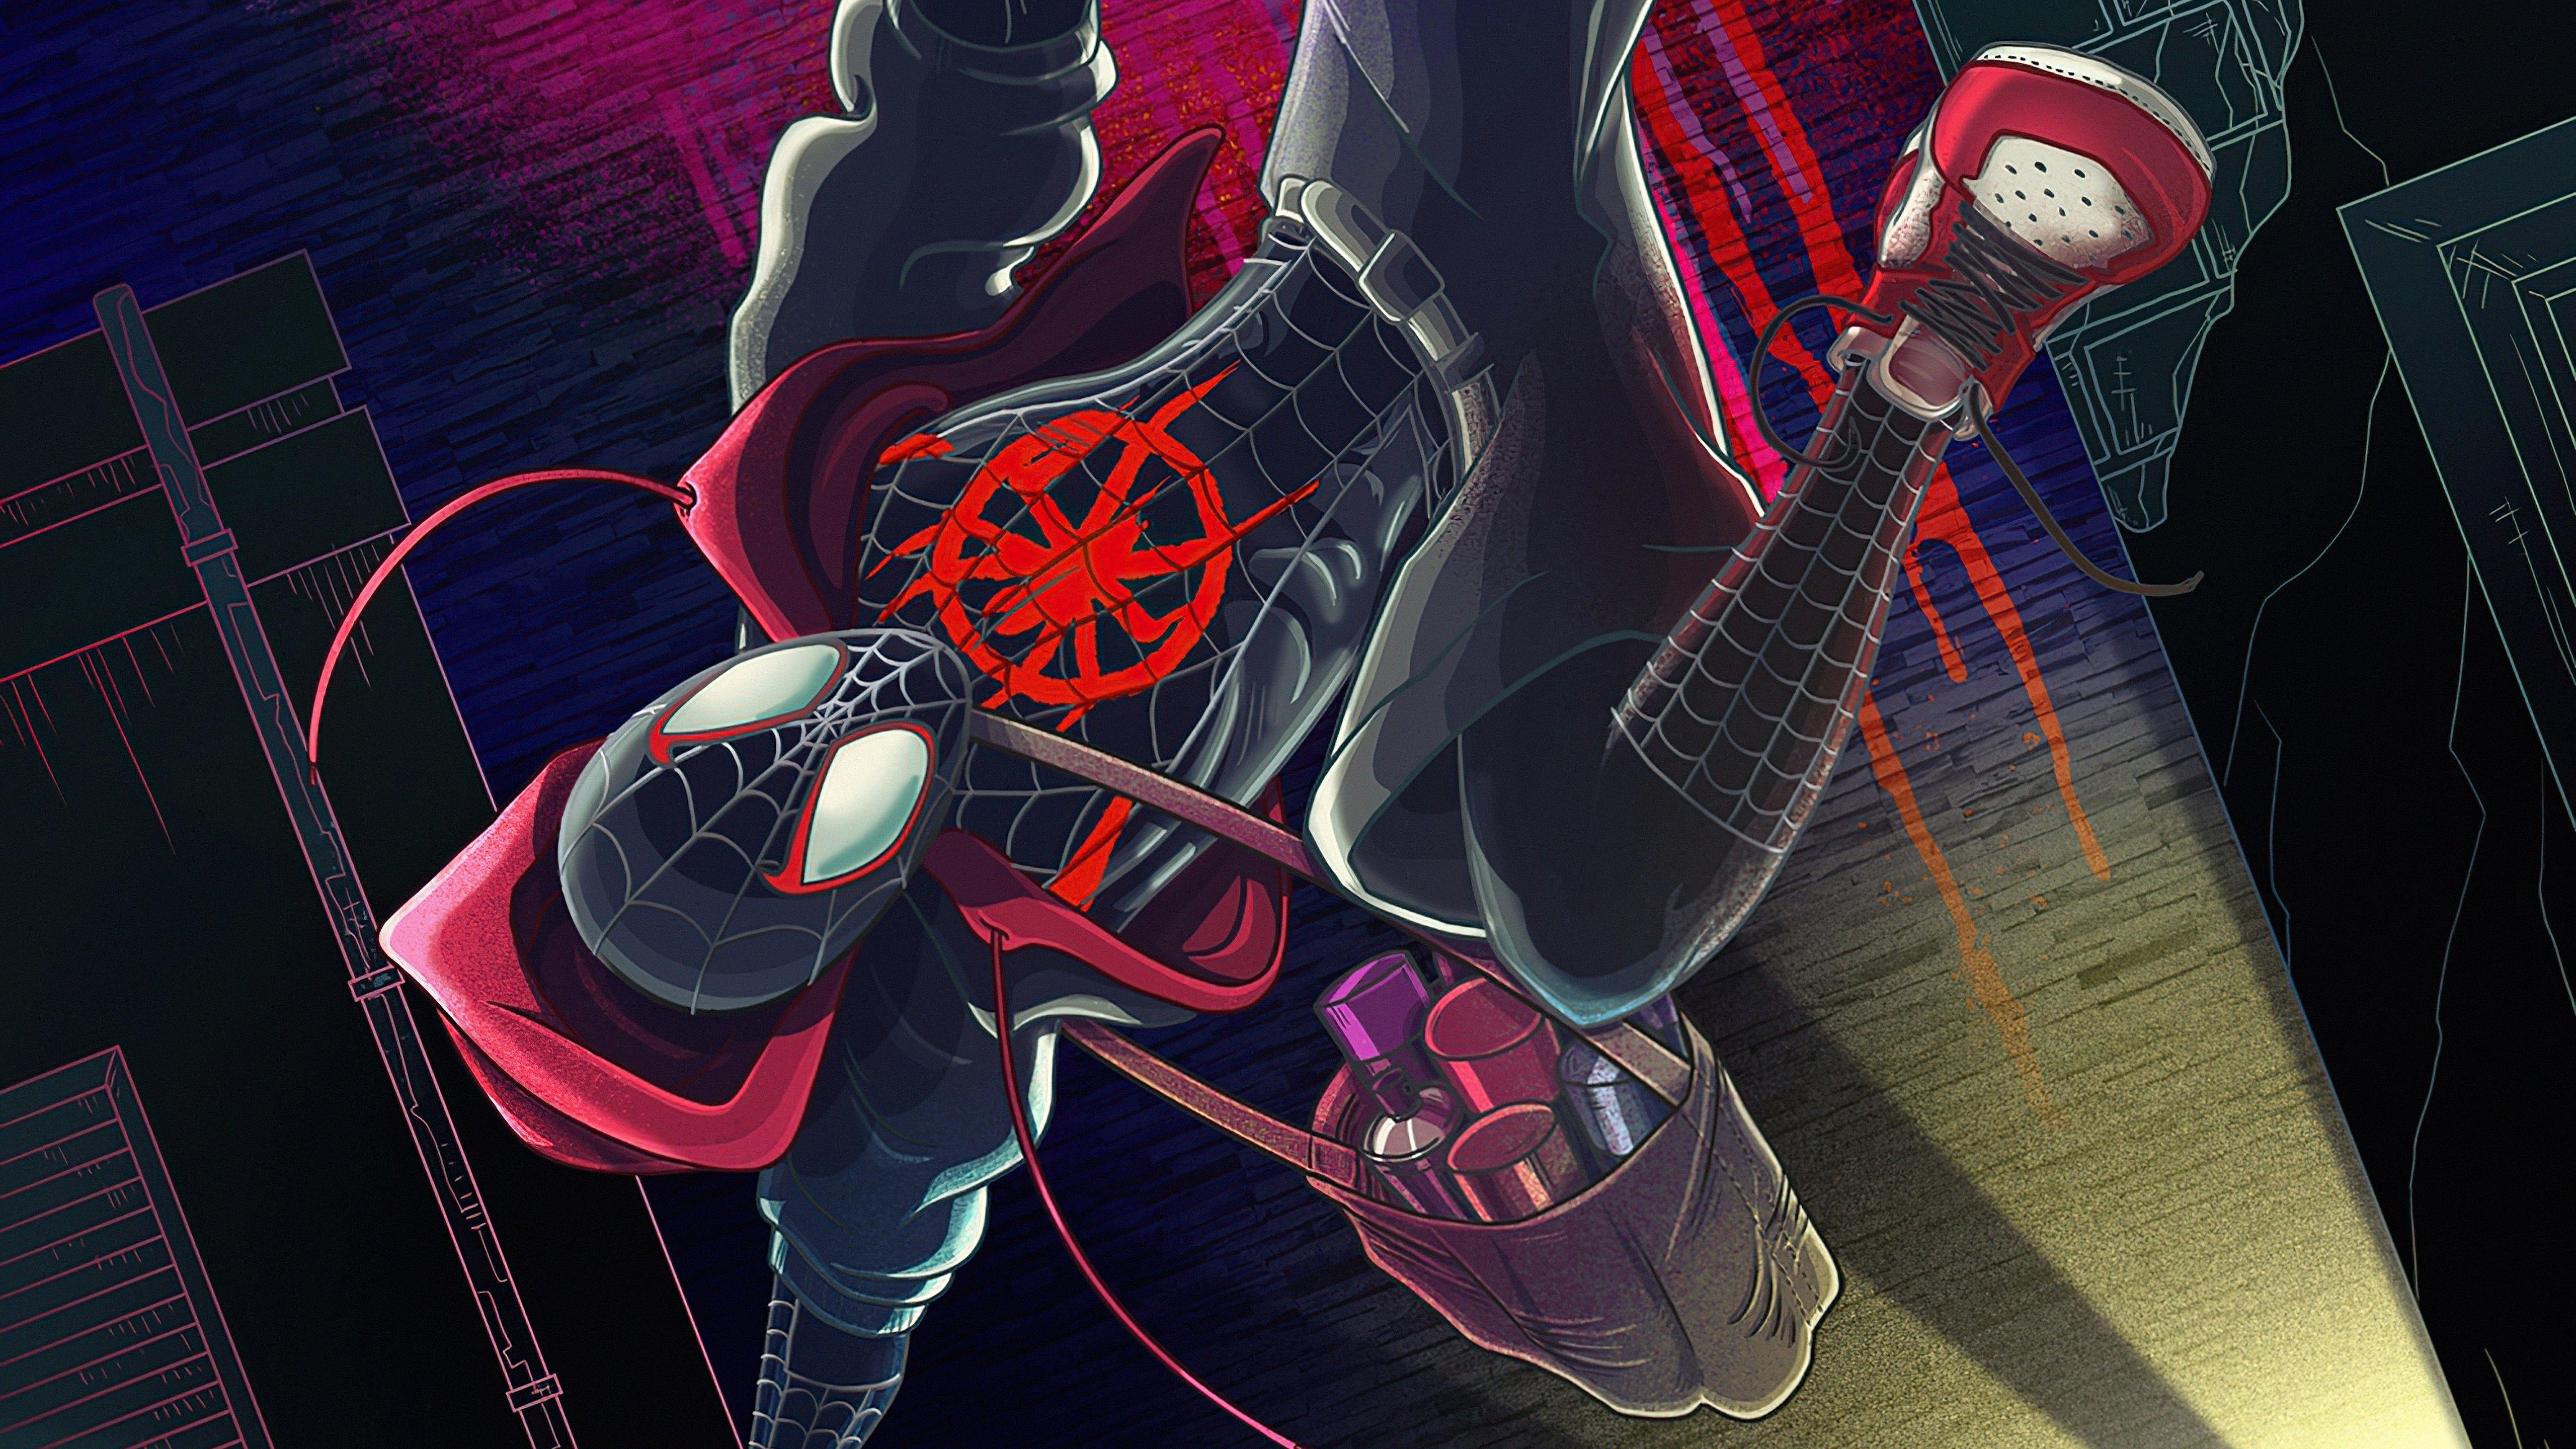 Wallpaper Spider Man upside down